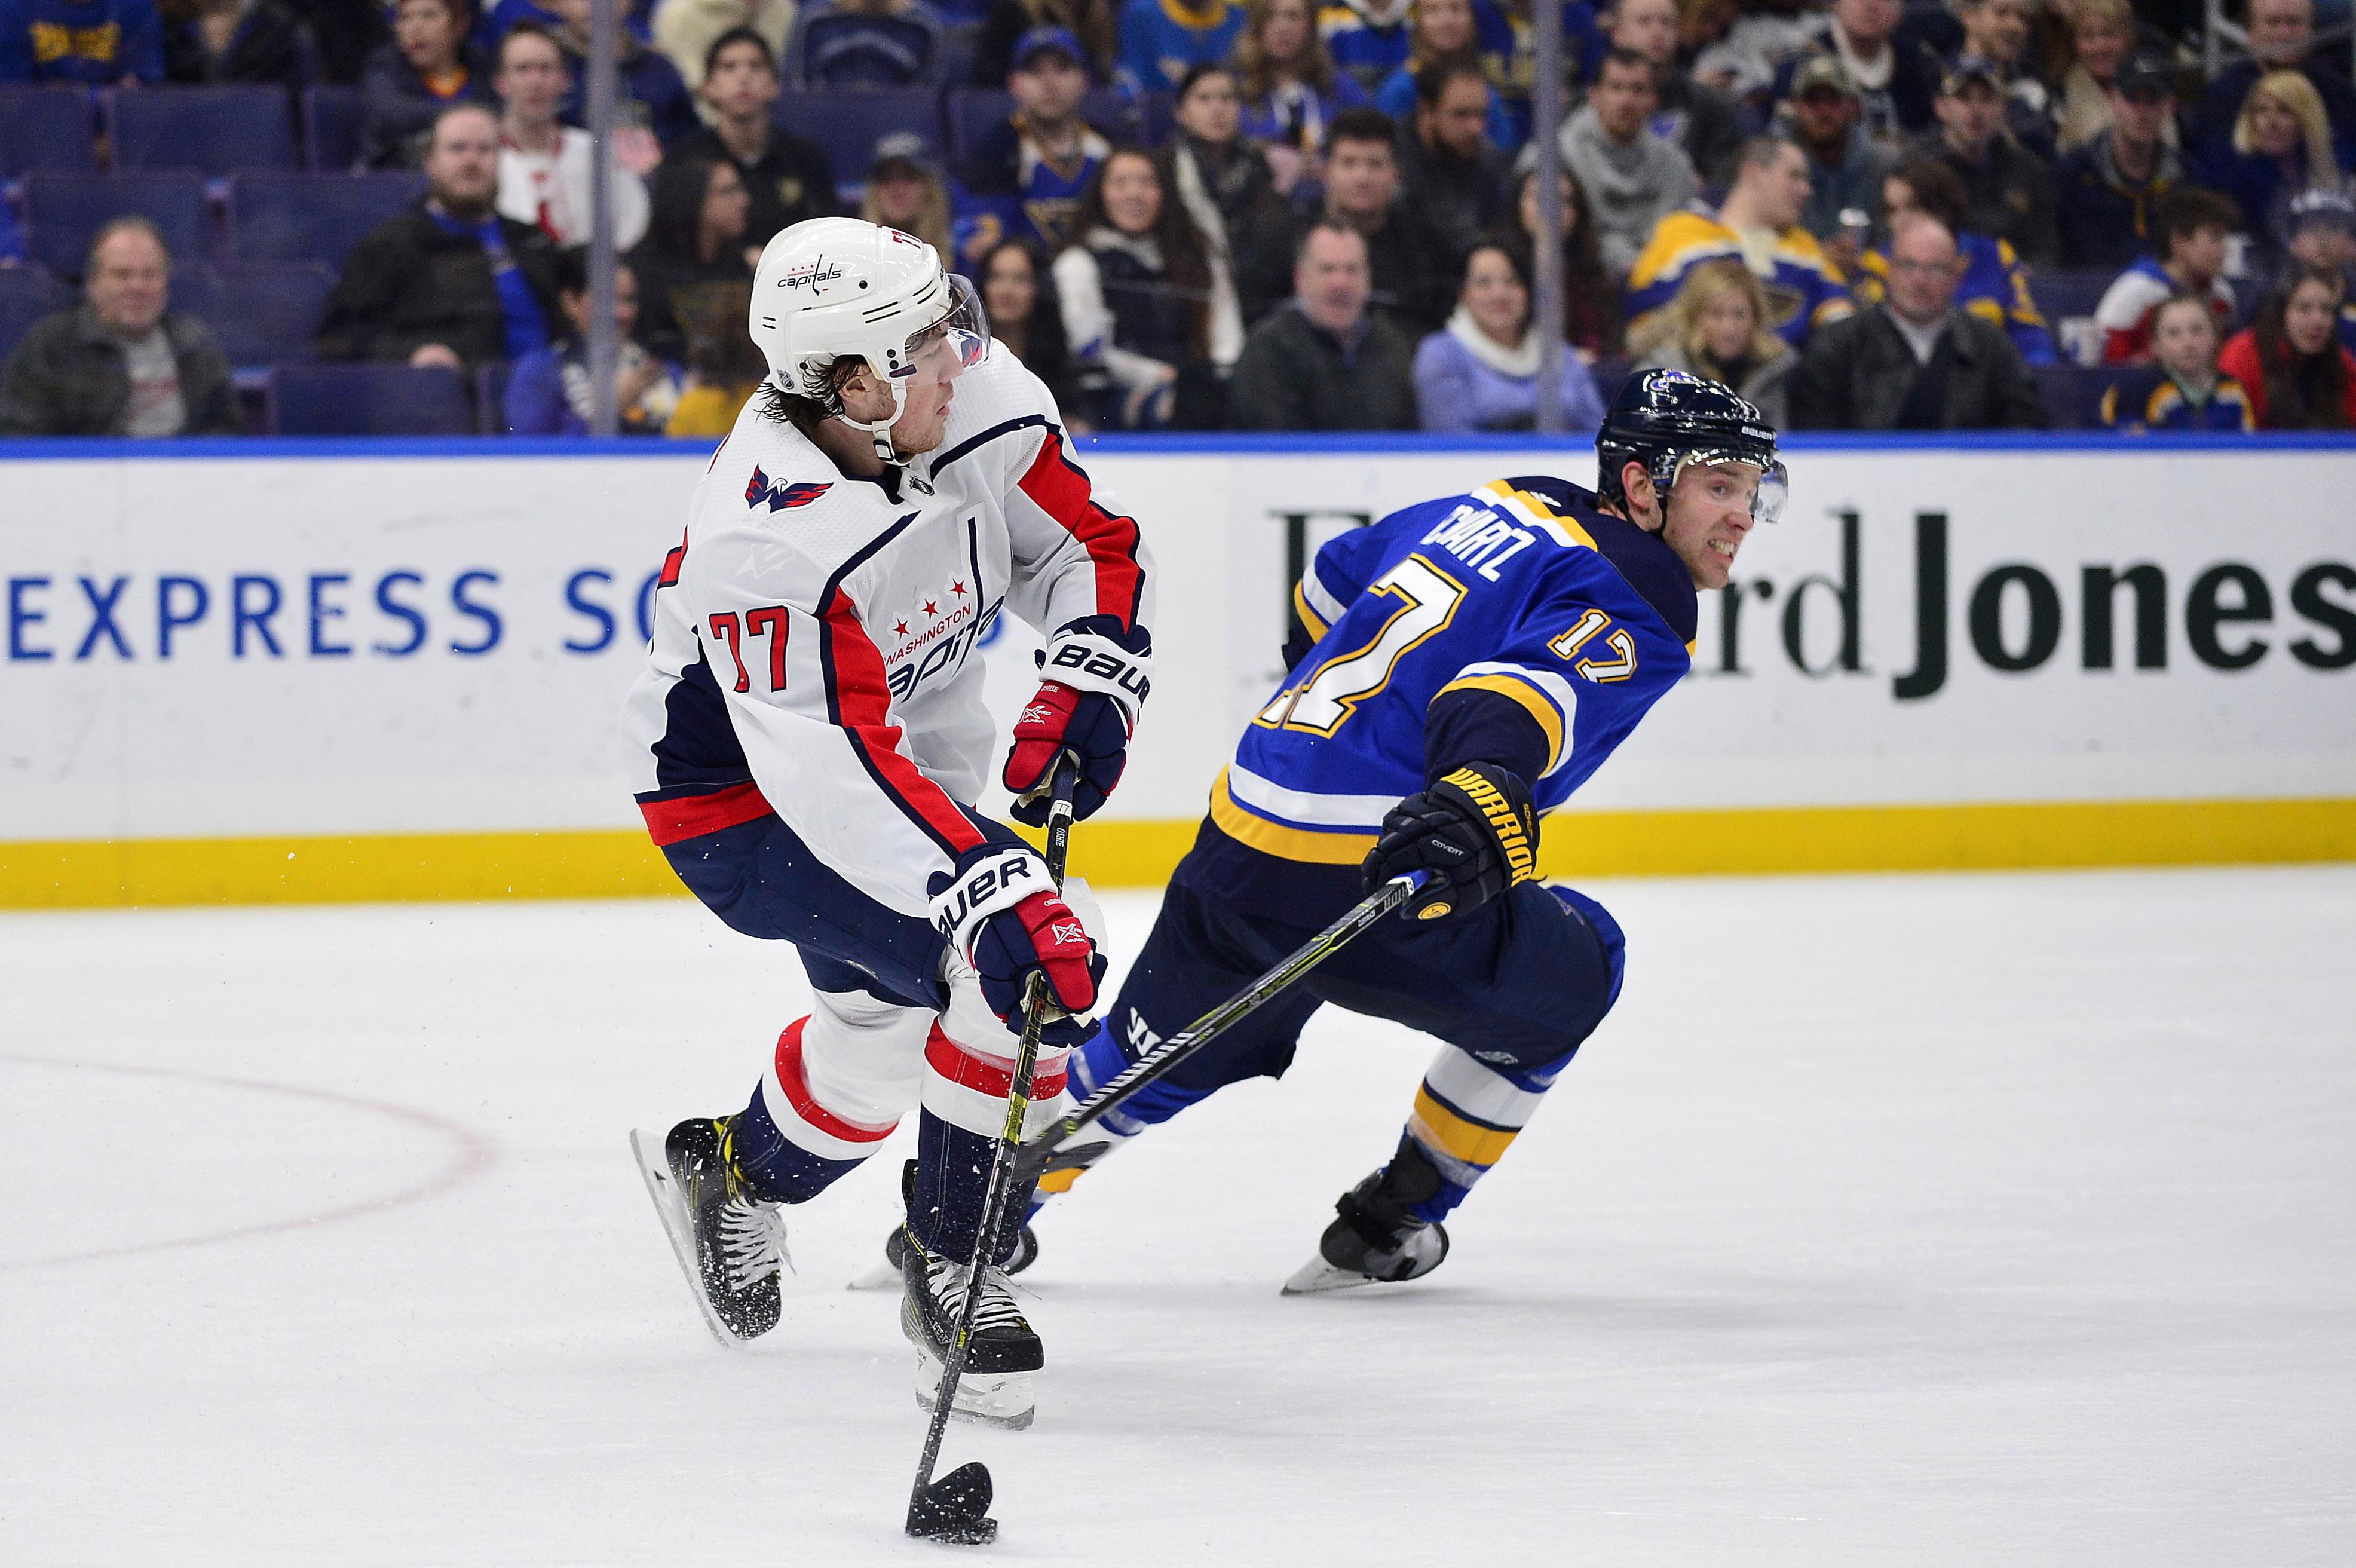 NHL: Washington Capitals at St. Louis Blues